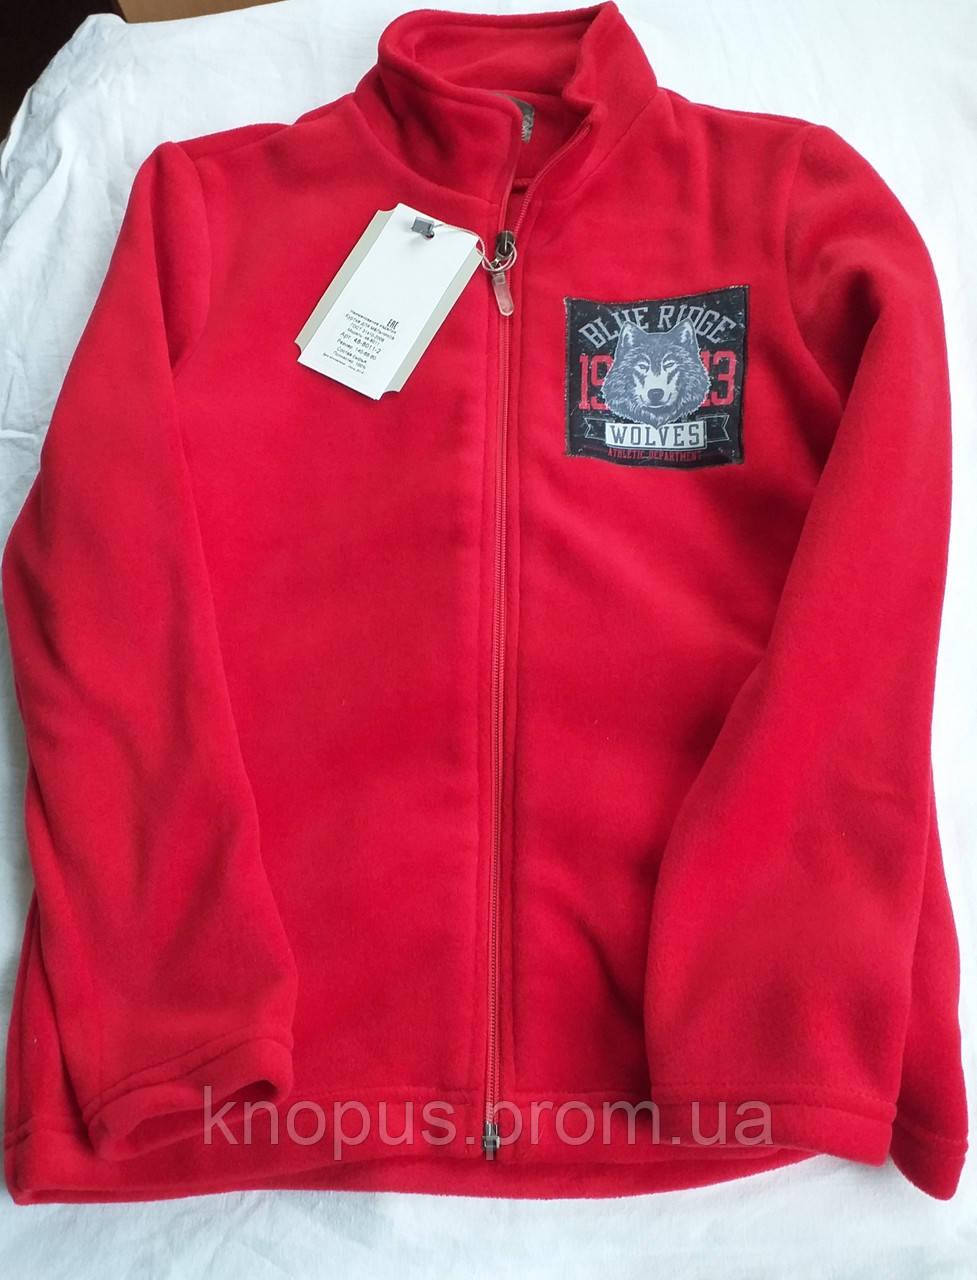 Флисовая кофта для мальчика на молнии, красная, Зиронька, размер 146